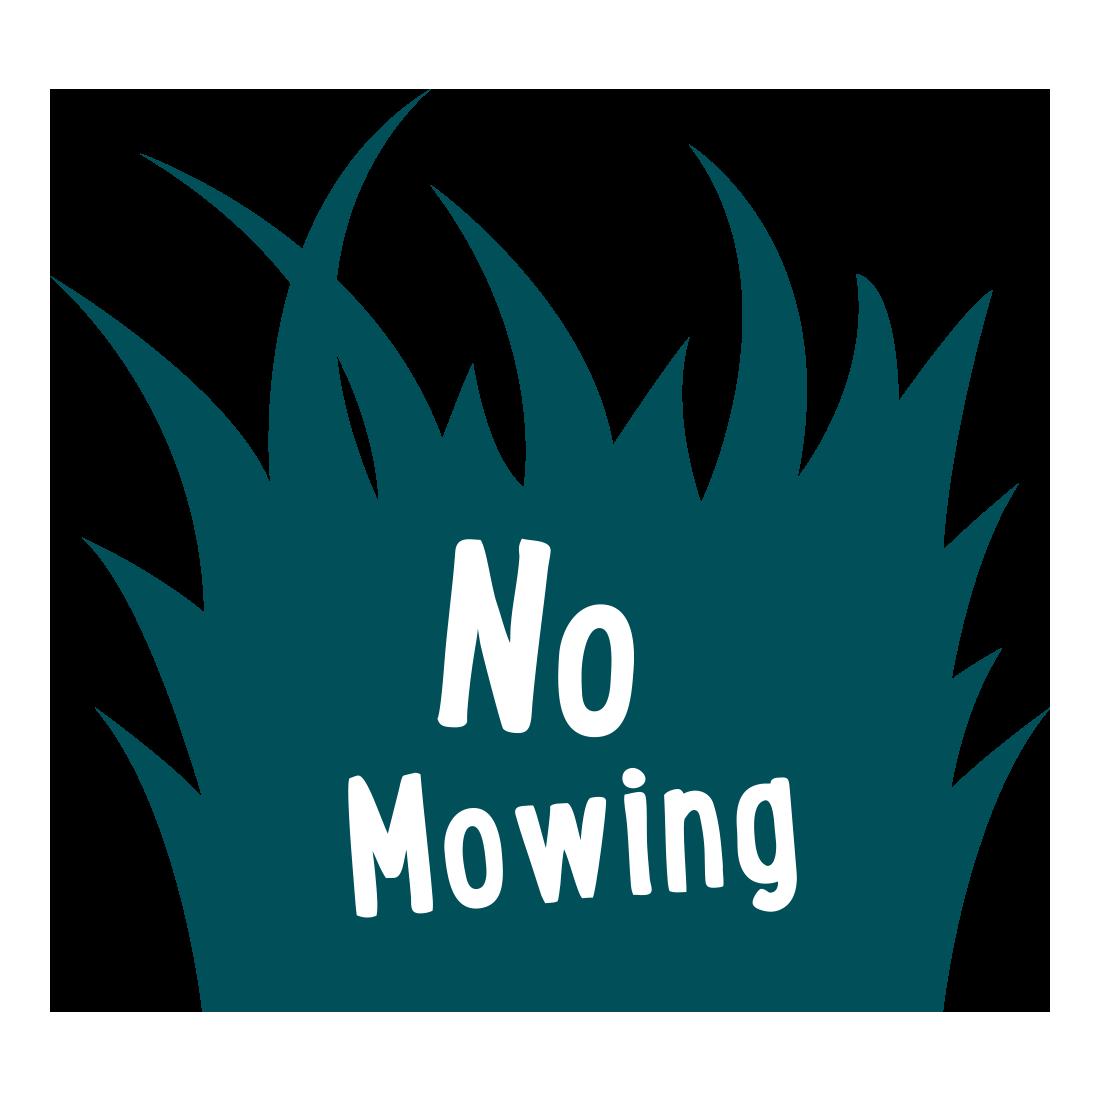 No Mowing